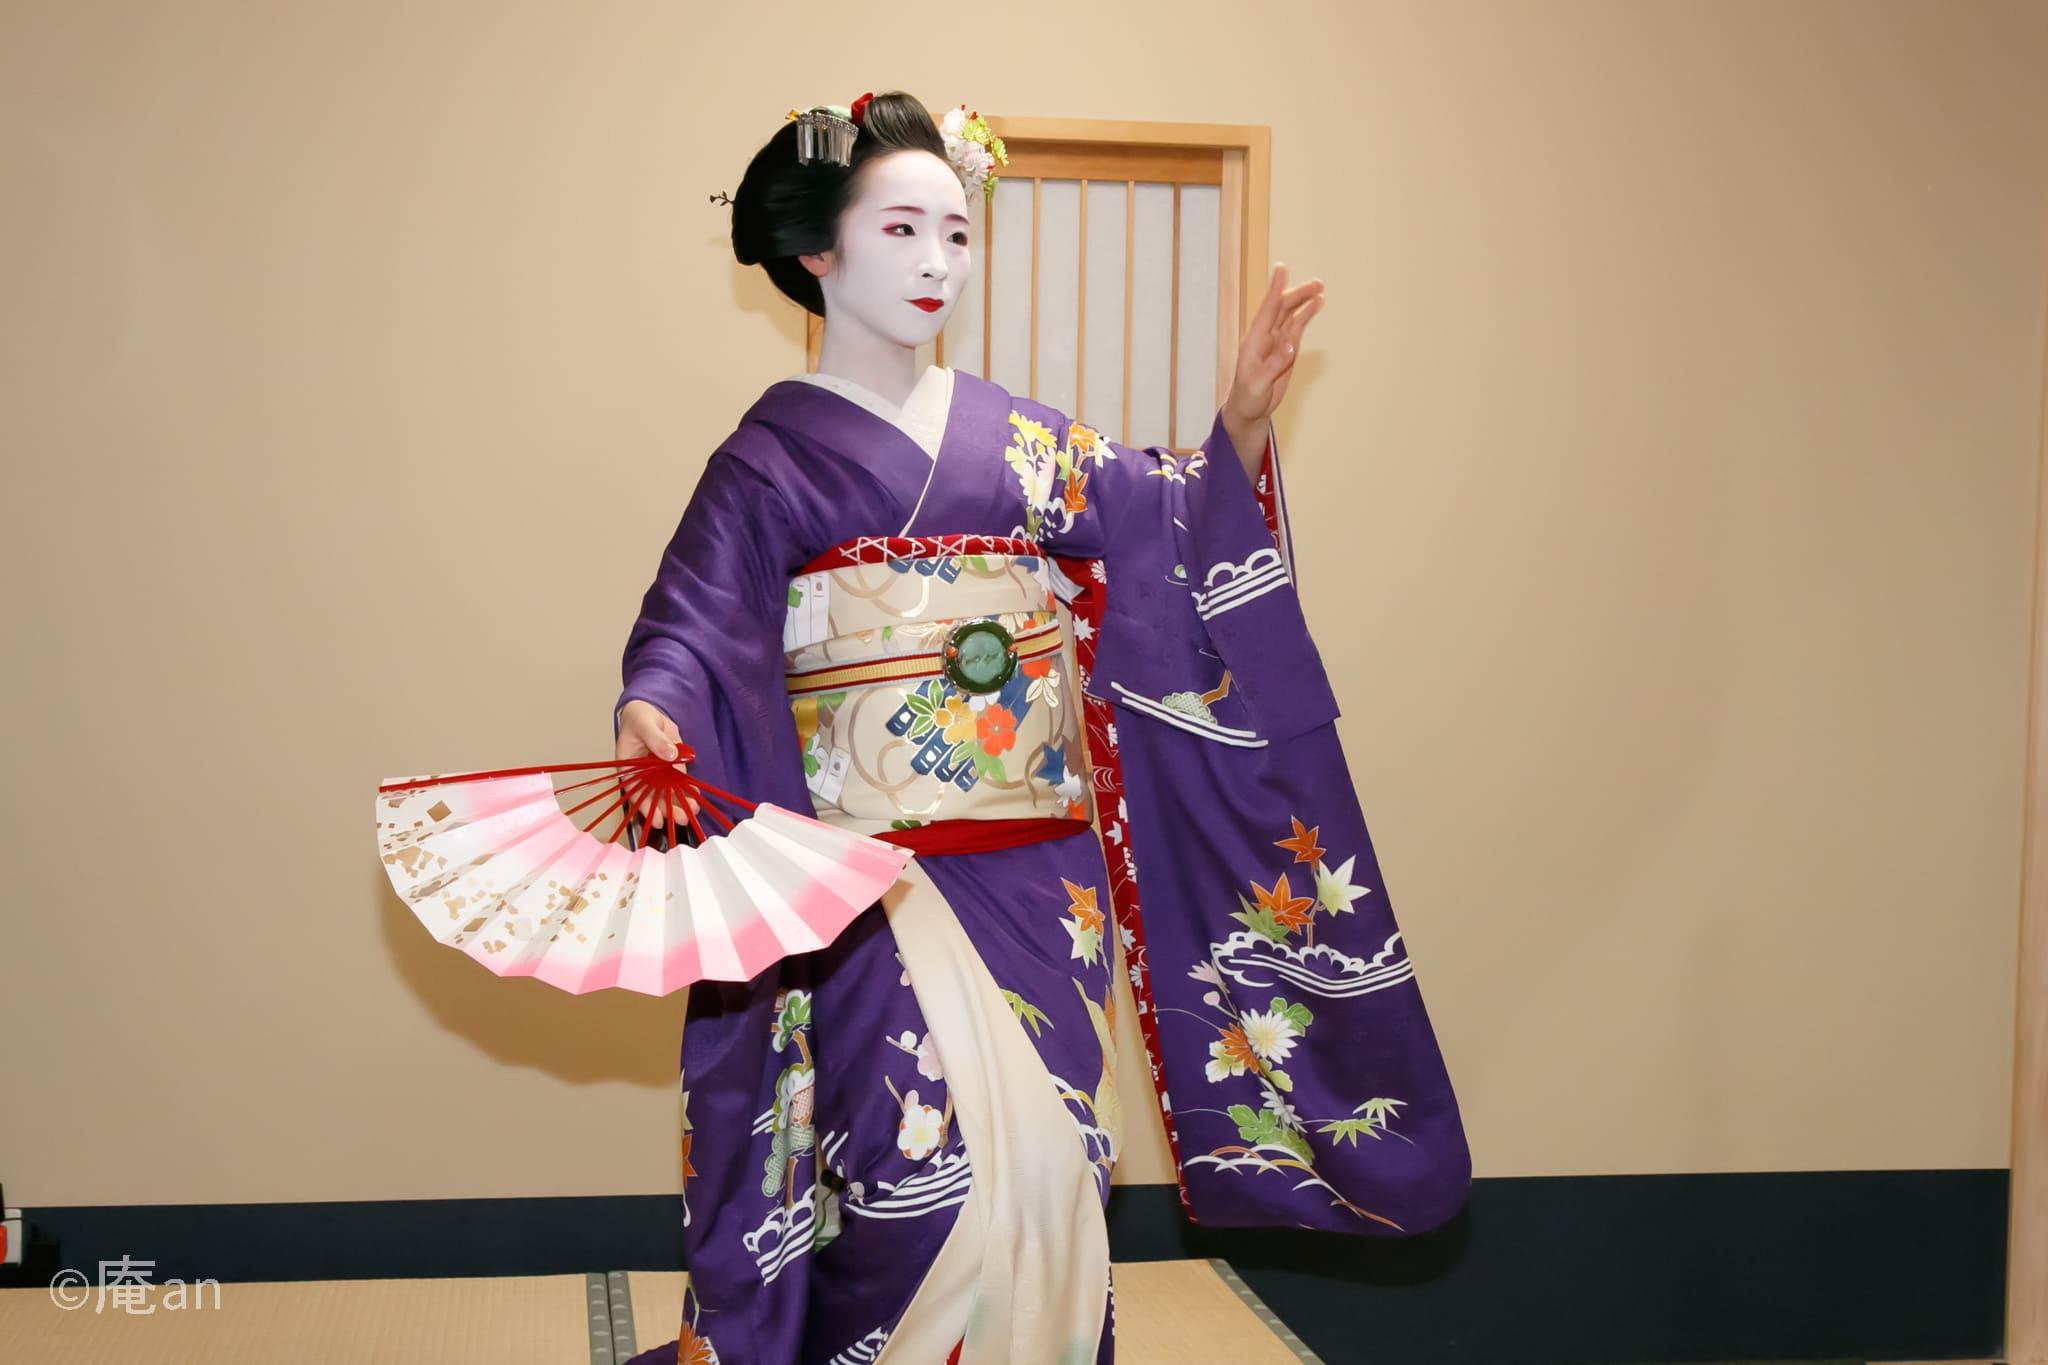 日本文化体験 庵an